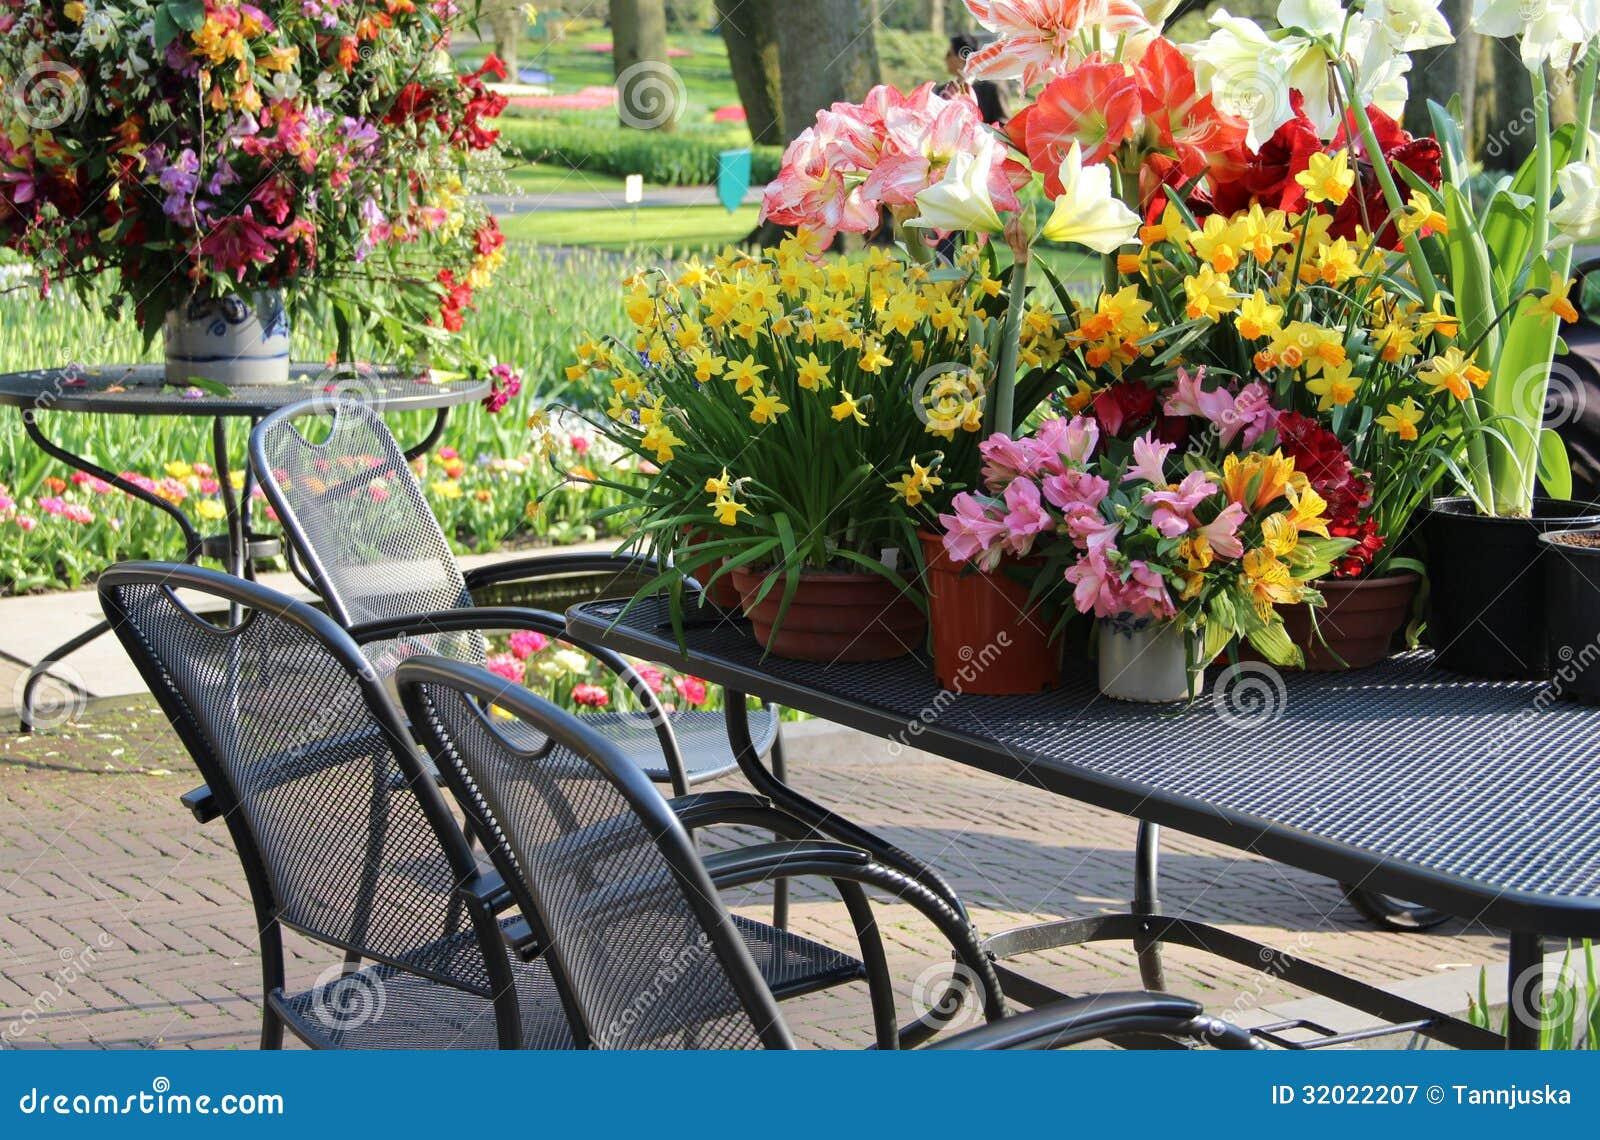 sonnige terrasse mit vielen blumen lizenzfreie stockfotografie bild 32022207. Black Bedroom Furniture Sets. Home Design Ideas